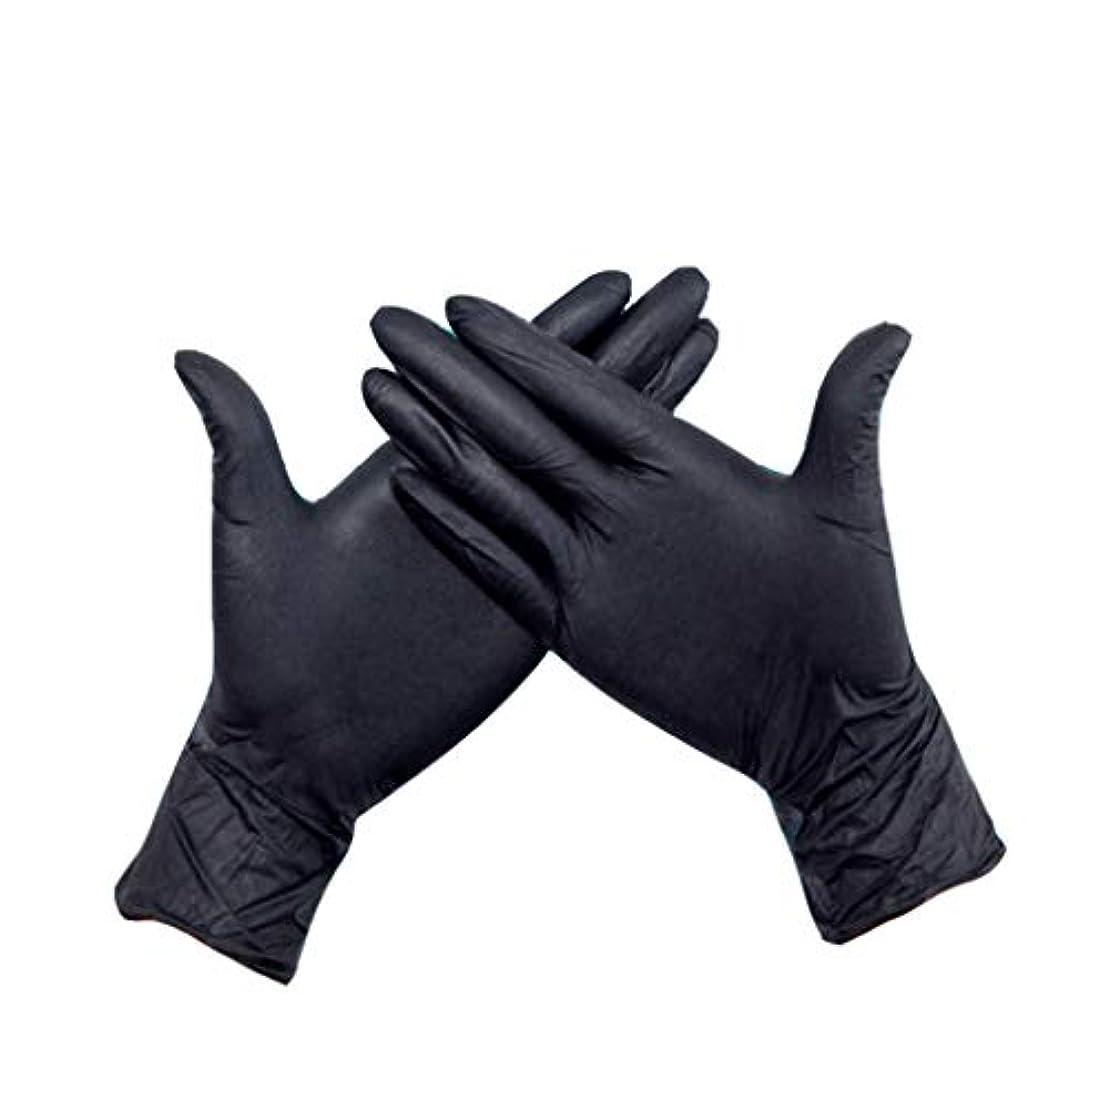 動物価値過去手袋黒丁qing使い捨て手袋耐摩耗性耐酸アルカリ美しさとヘアケア手袋の厚い丁ding清グローブ200 (UnitCount : 300 only)